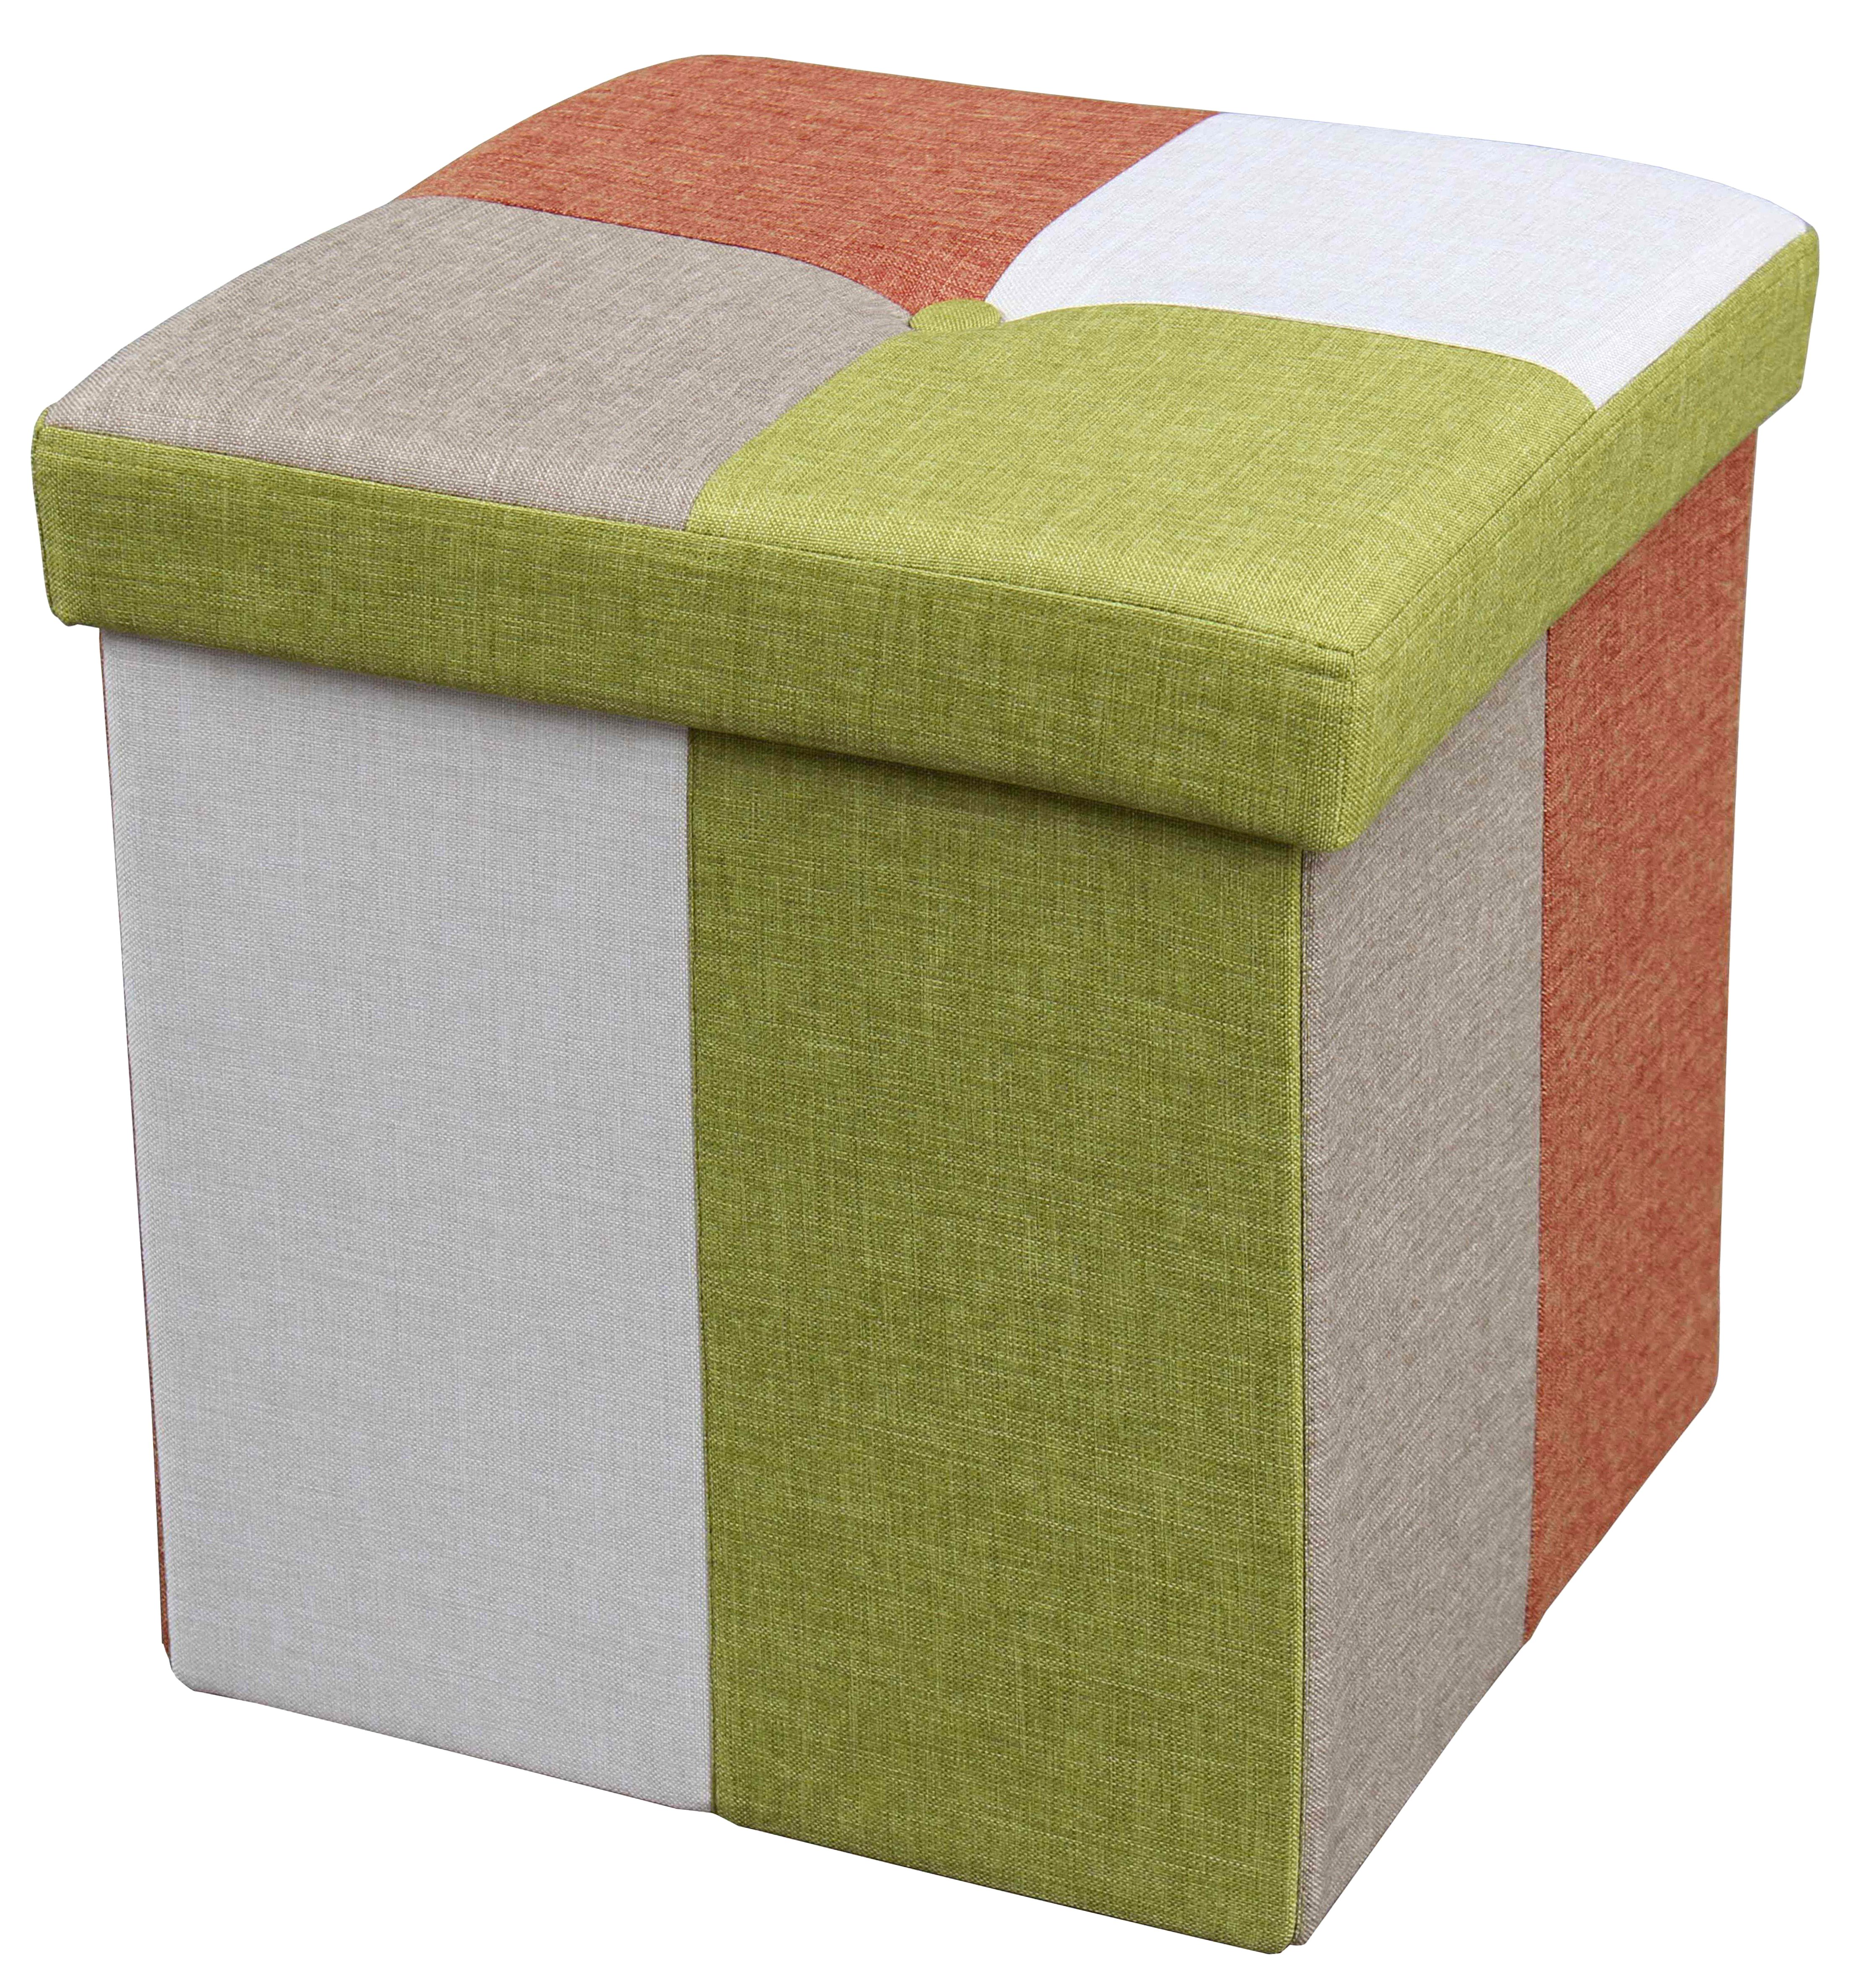 FILY 2 taburetka viacfarebná